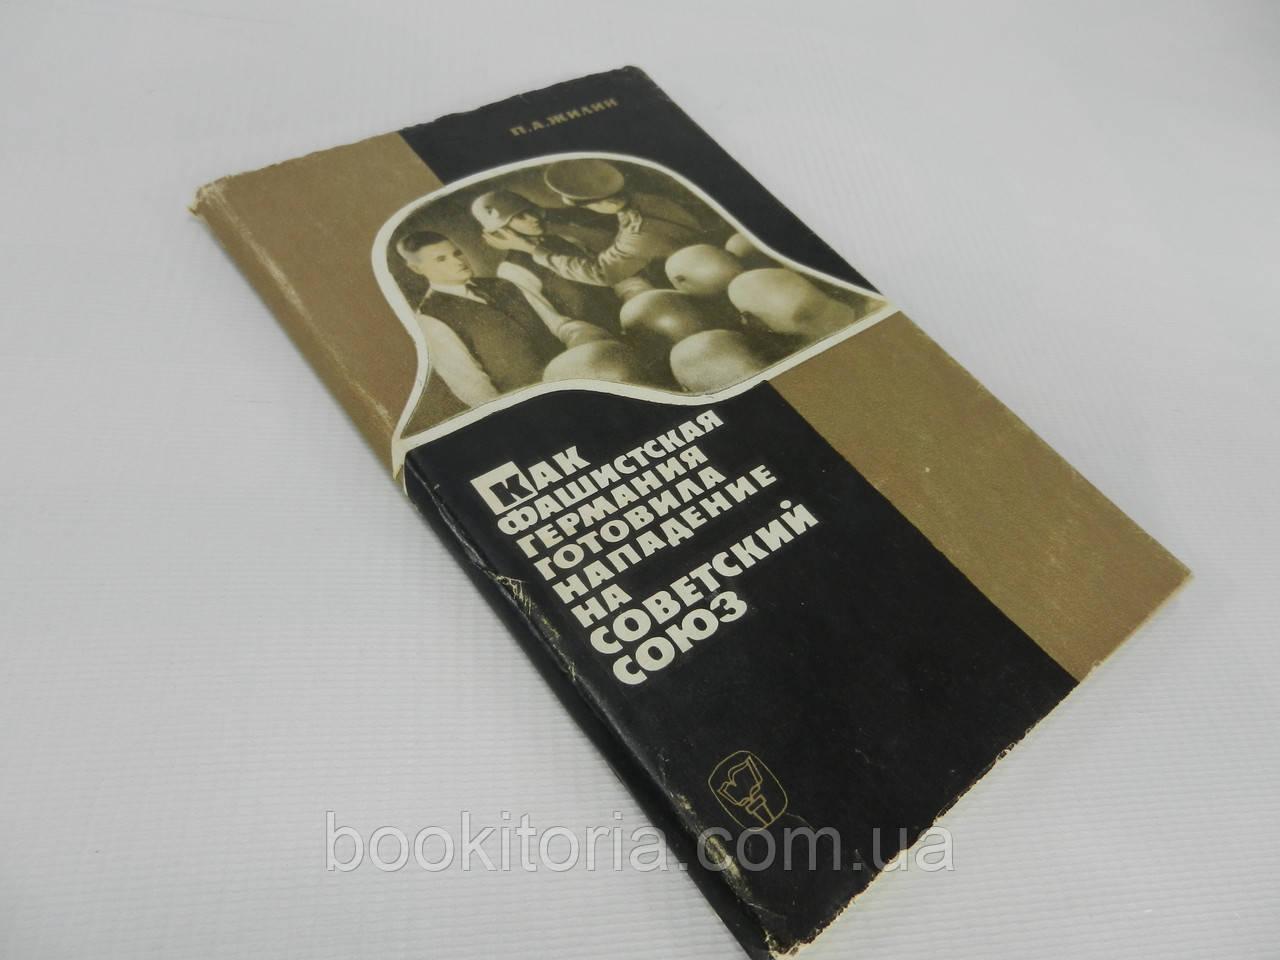 Жилин П. Как фашистская Германия готовила нападение на Советский Союз (б/у).